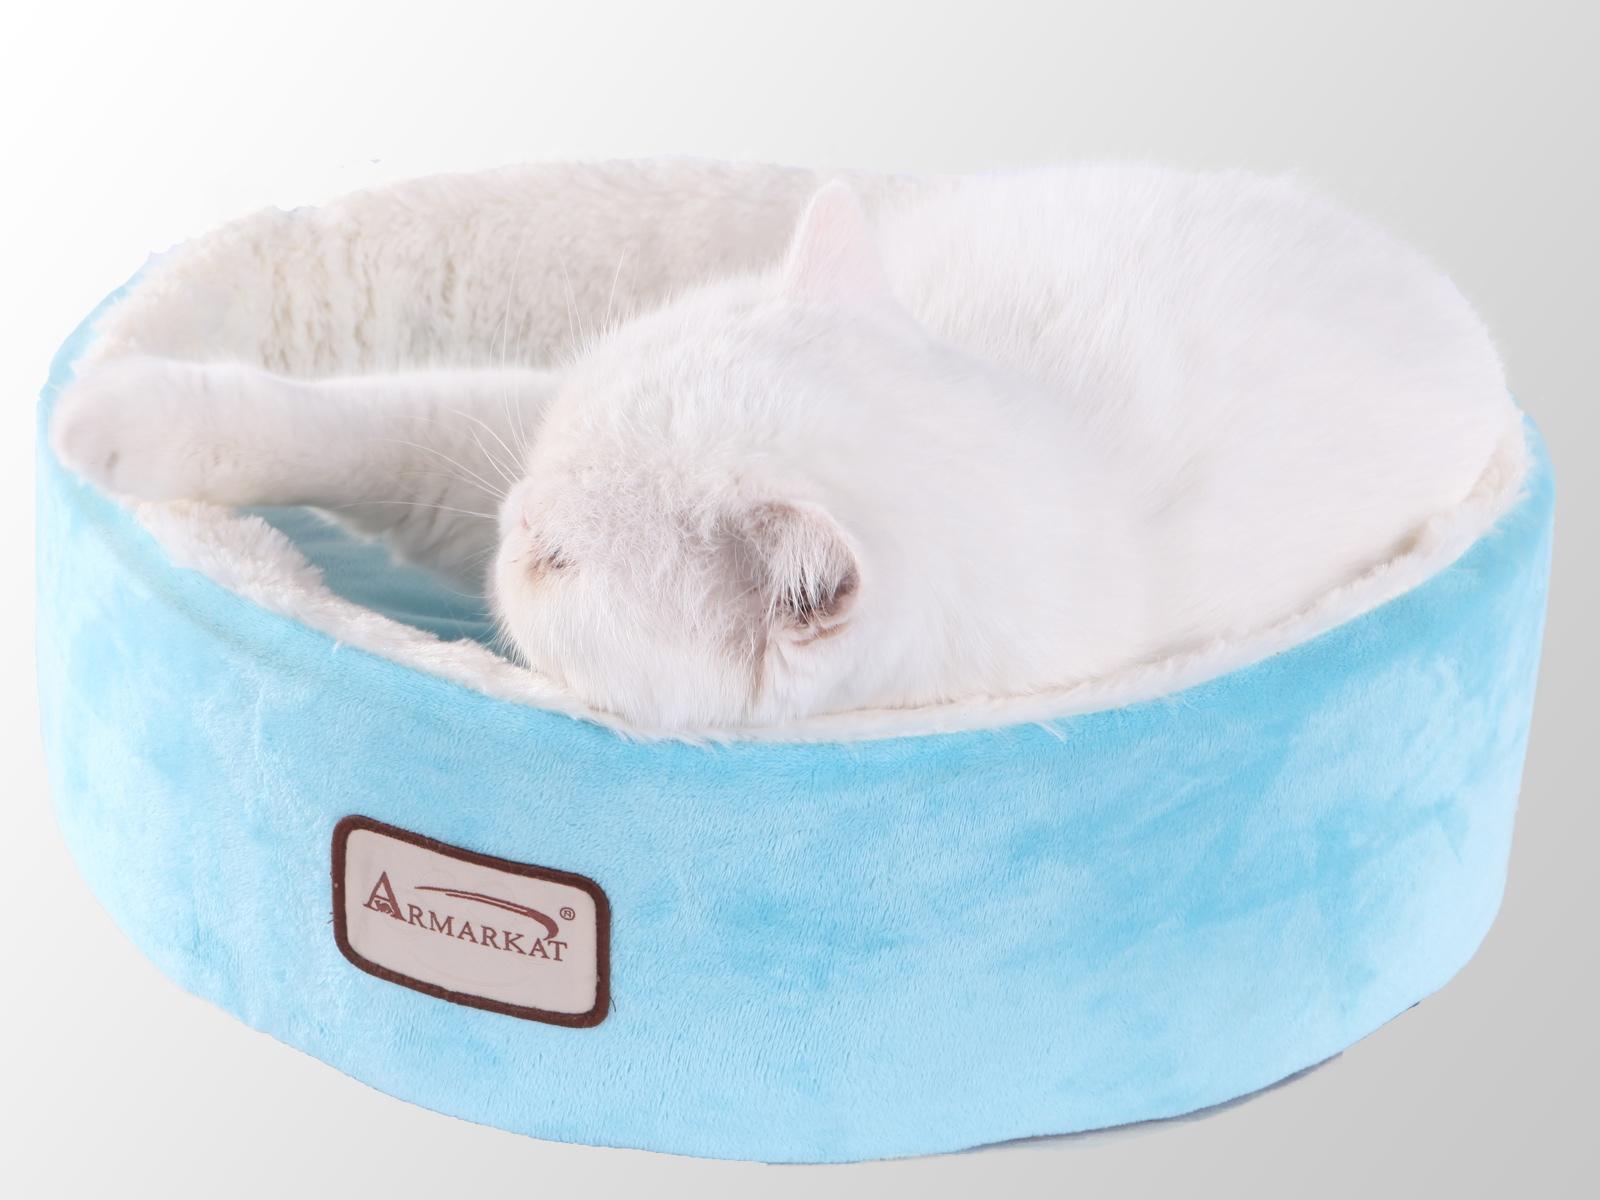 Shenandoah Creative Endeavors - Kitty Shelves Pro image 1